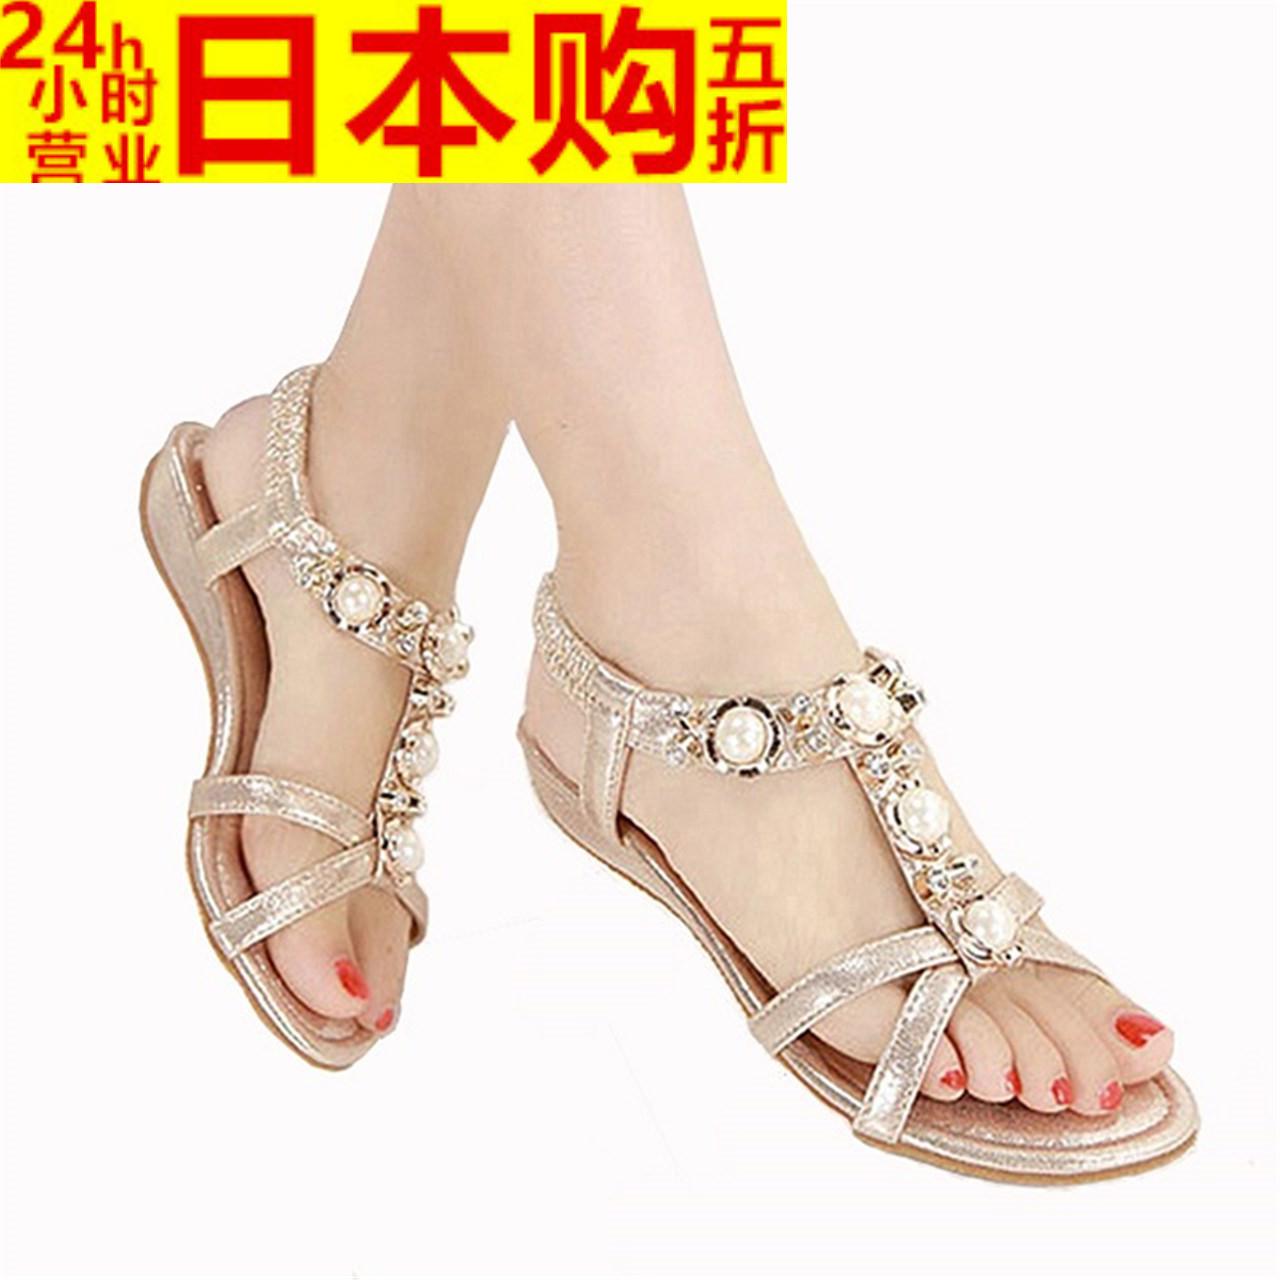 日本 韩国带钻凉鞋女夏平底韩版平跟百搭水钻孕妇软底水钻舒适防